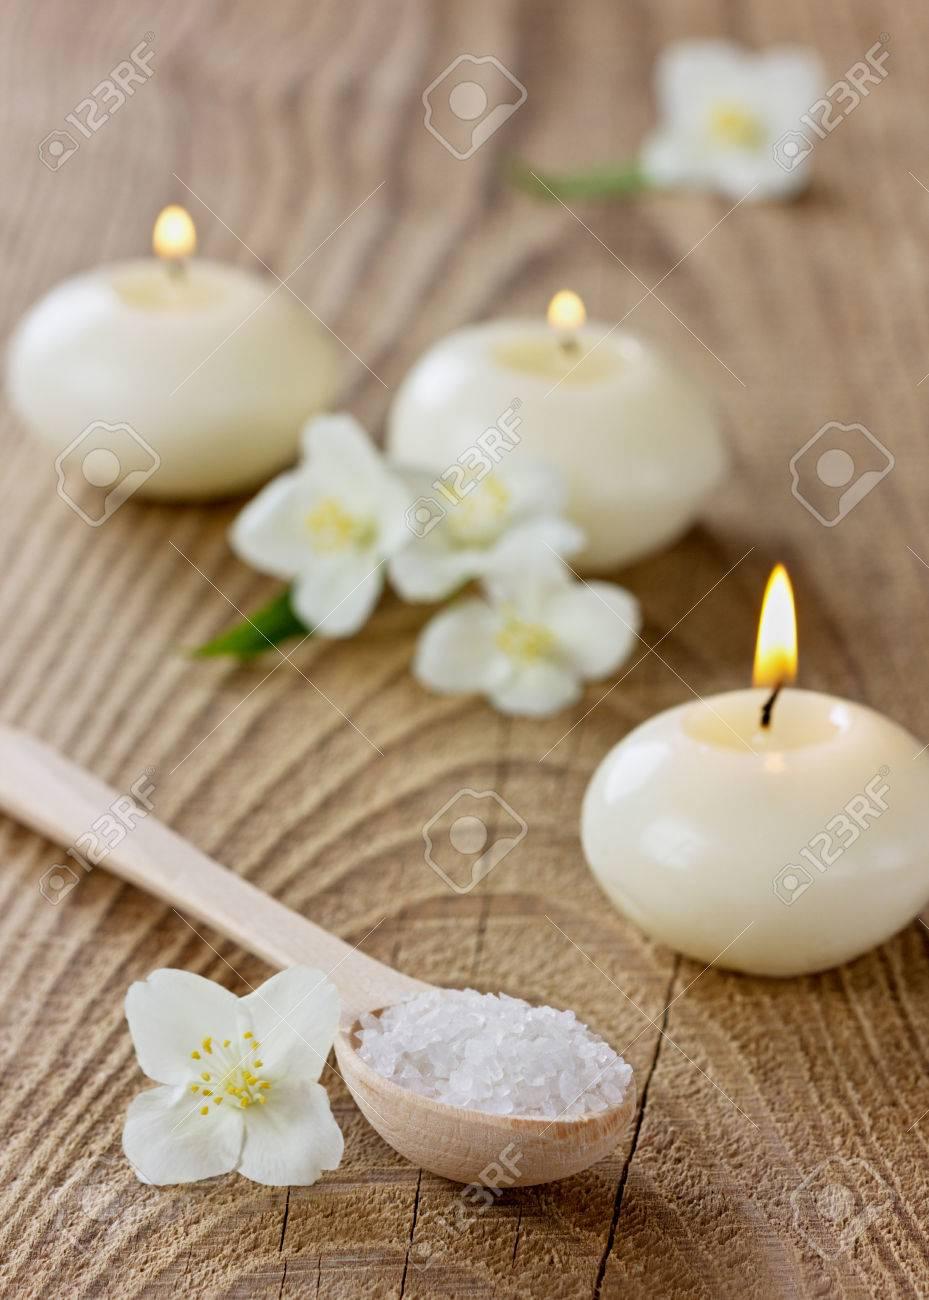 archivio fotografico composizione spa con bagno di sale marino del cucchiaio di legno fiori di gelsomino e candele accese su una superficie rustica